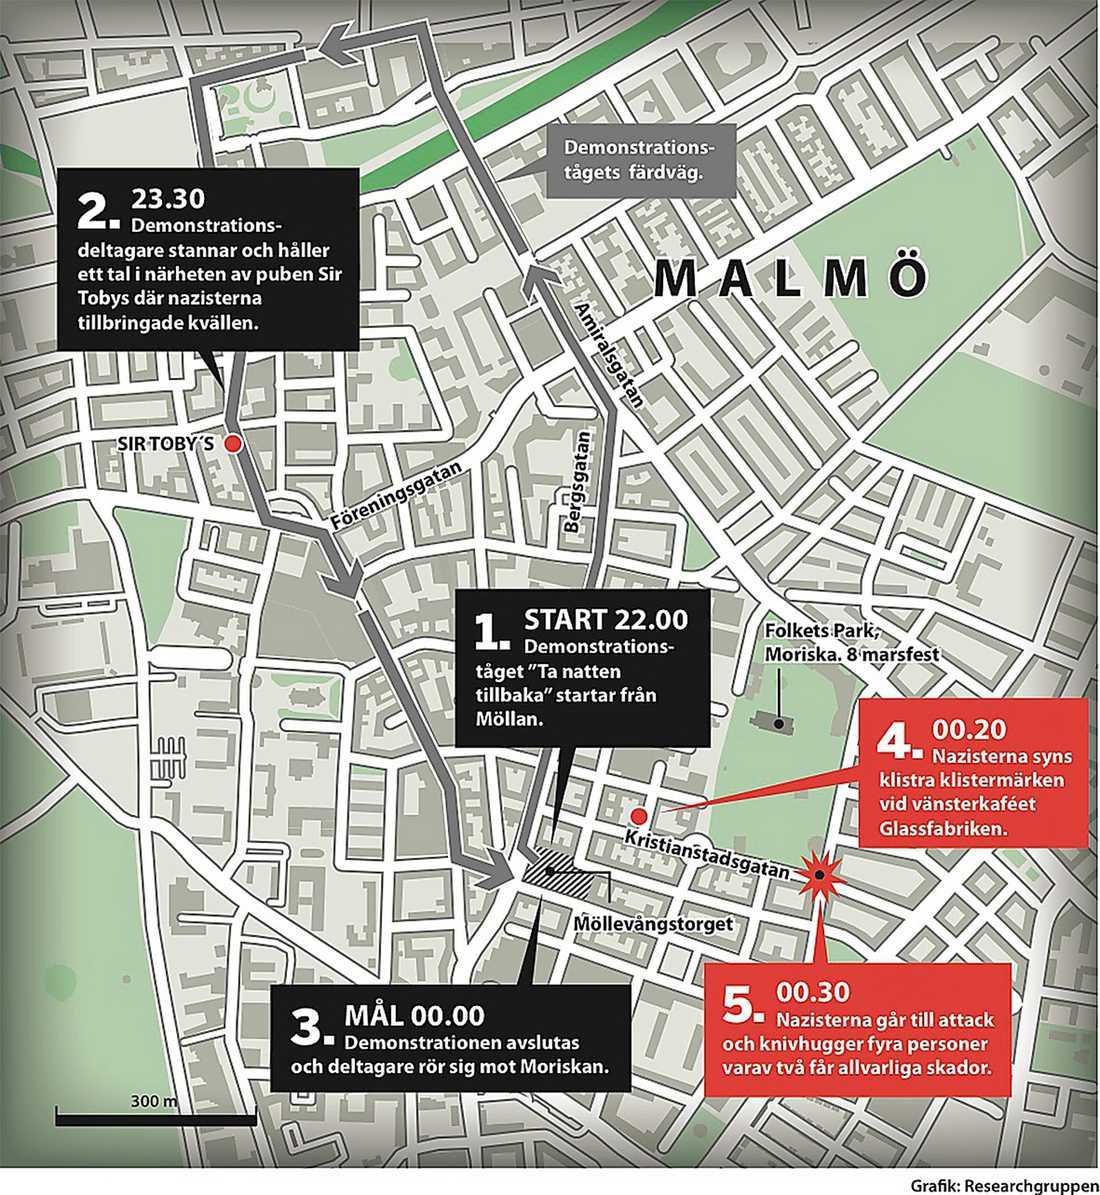 här slog nazisterna till   Fyra obeväpnade feminister knivhöggs av en grupp nazister i Malmö 8 mars. Mediernas rapportering att bråket startats av vänsteraktivister bygger på en missuppfattning, visar Researchgruppens granskning. Grafik: Researchgruppen